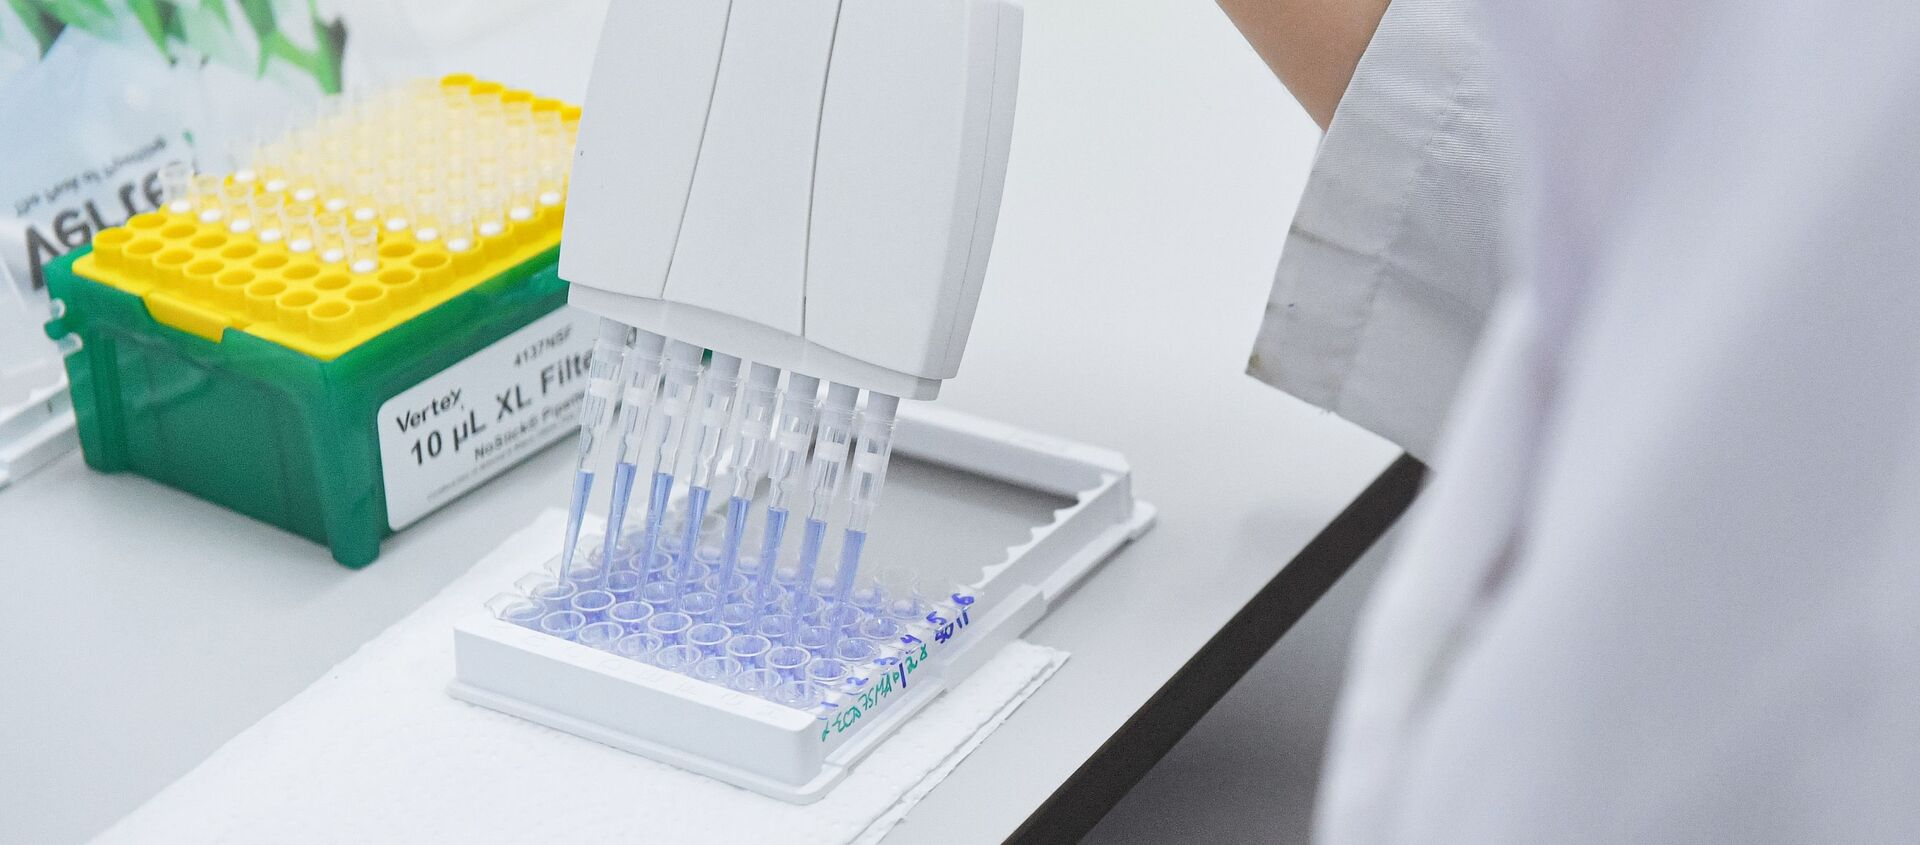 Testy i produkcja szczepionki COVID-19 w laboratorium centrum epidemiologii i Mikrobiologii Gamalei - Sputnik Polska, 1920, 16.06.2021